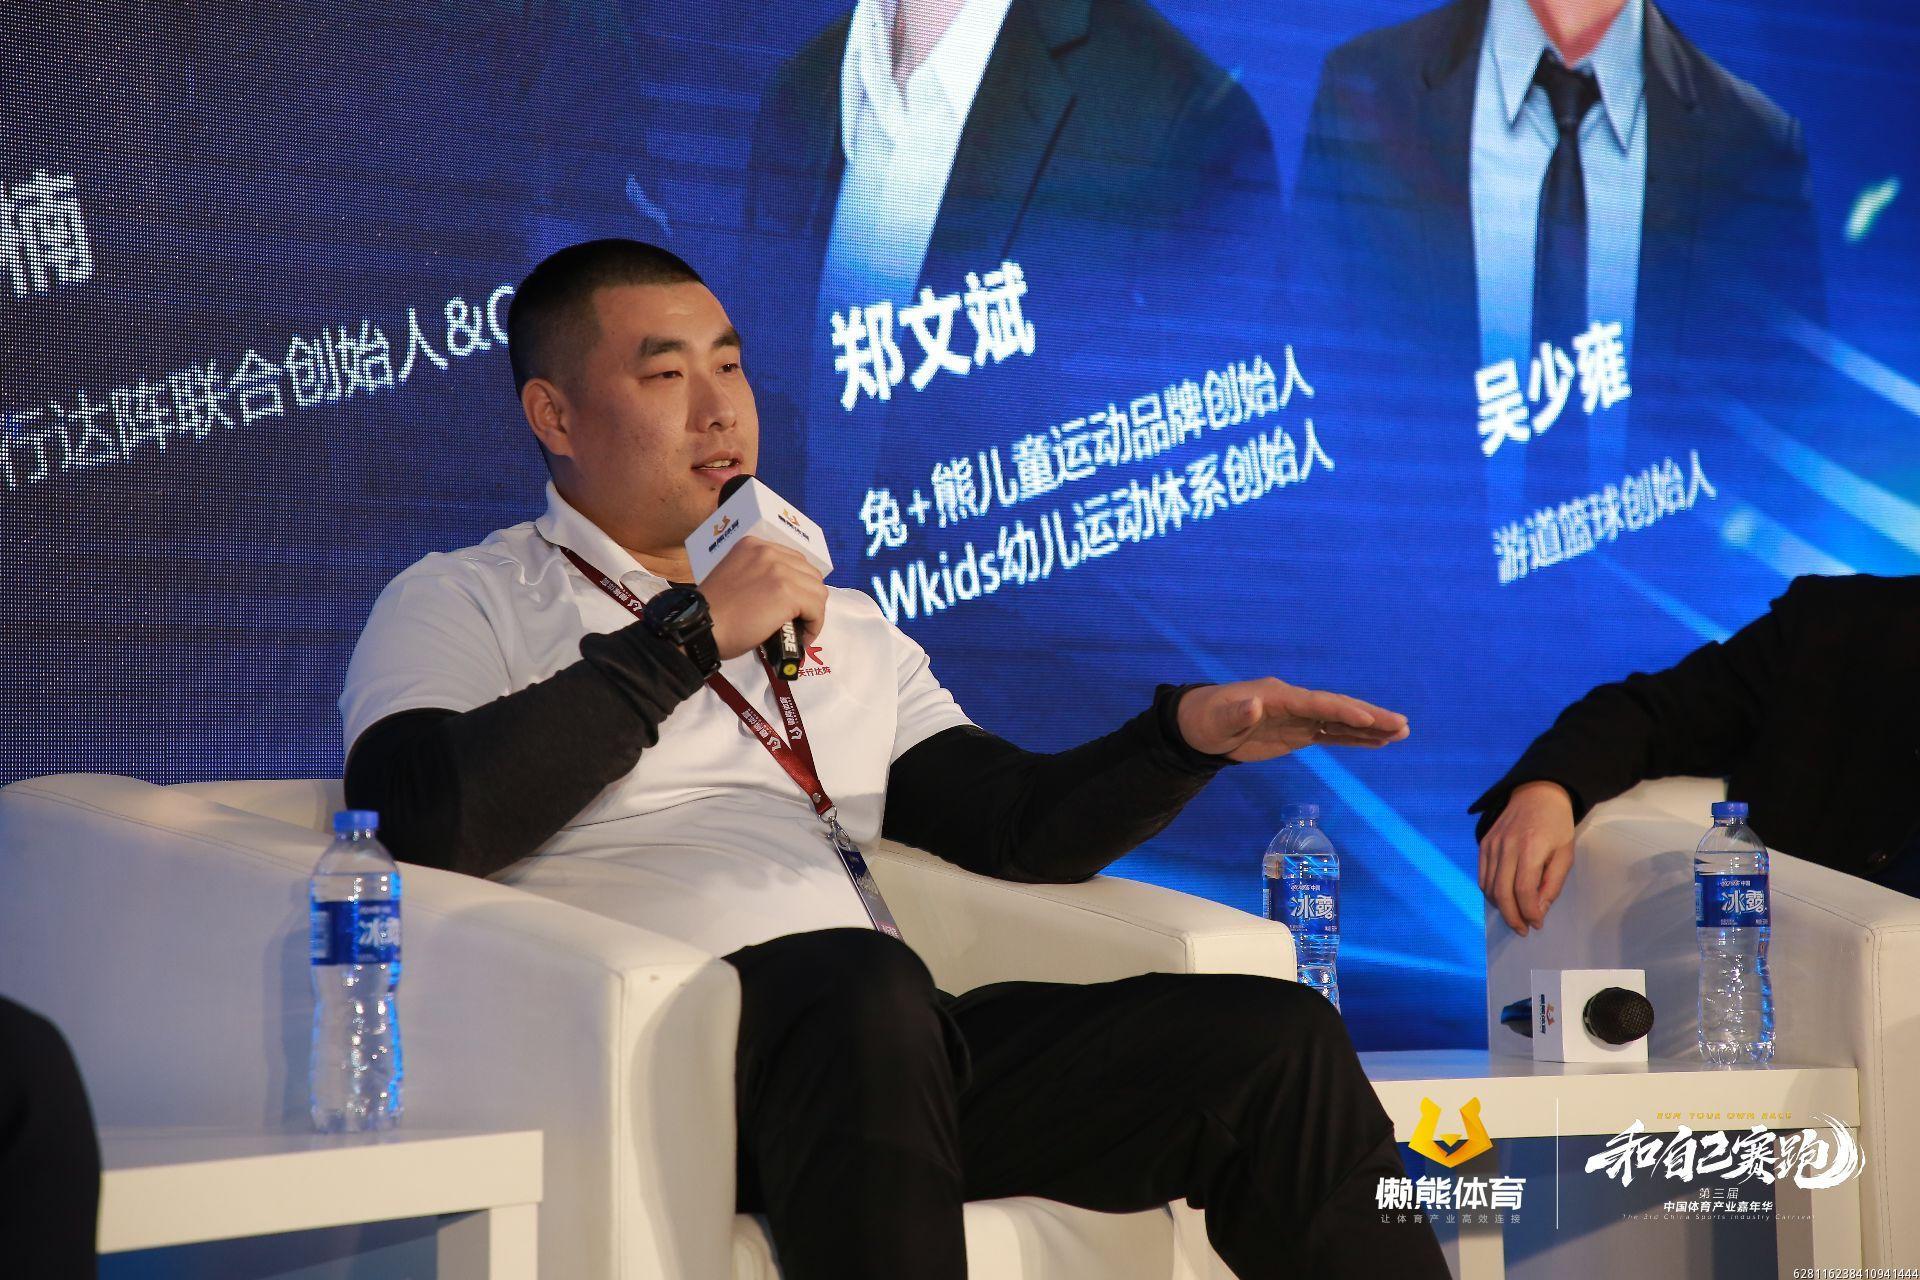 天行达阵联合创始人张楠:小众项目也可以做到很大的市场份额,弱化专业深入素质教育